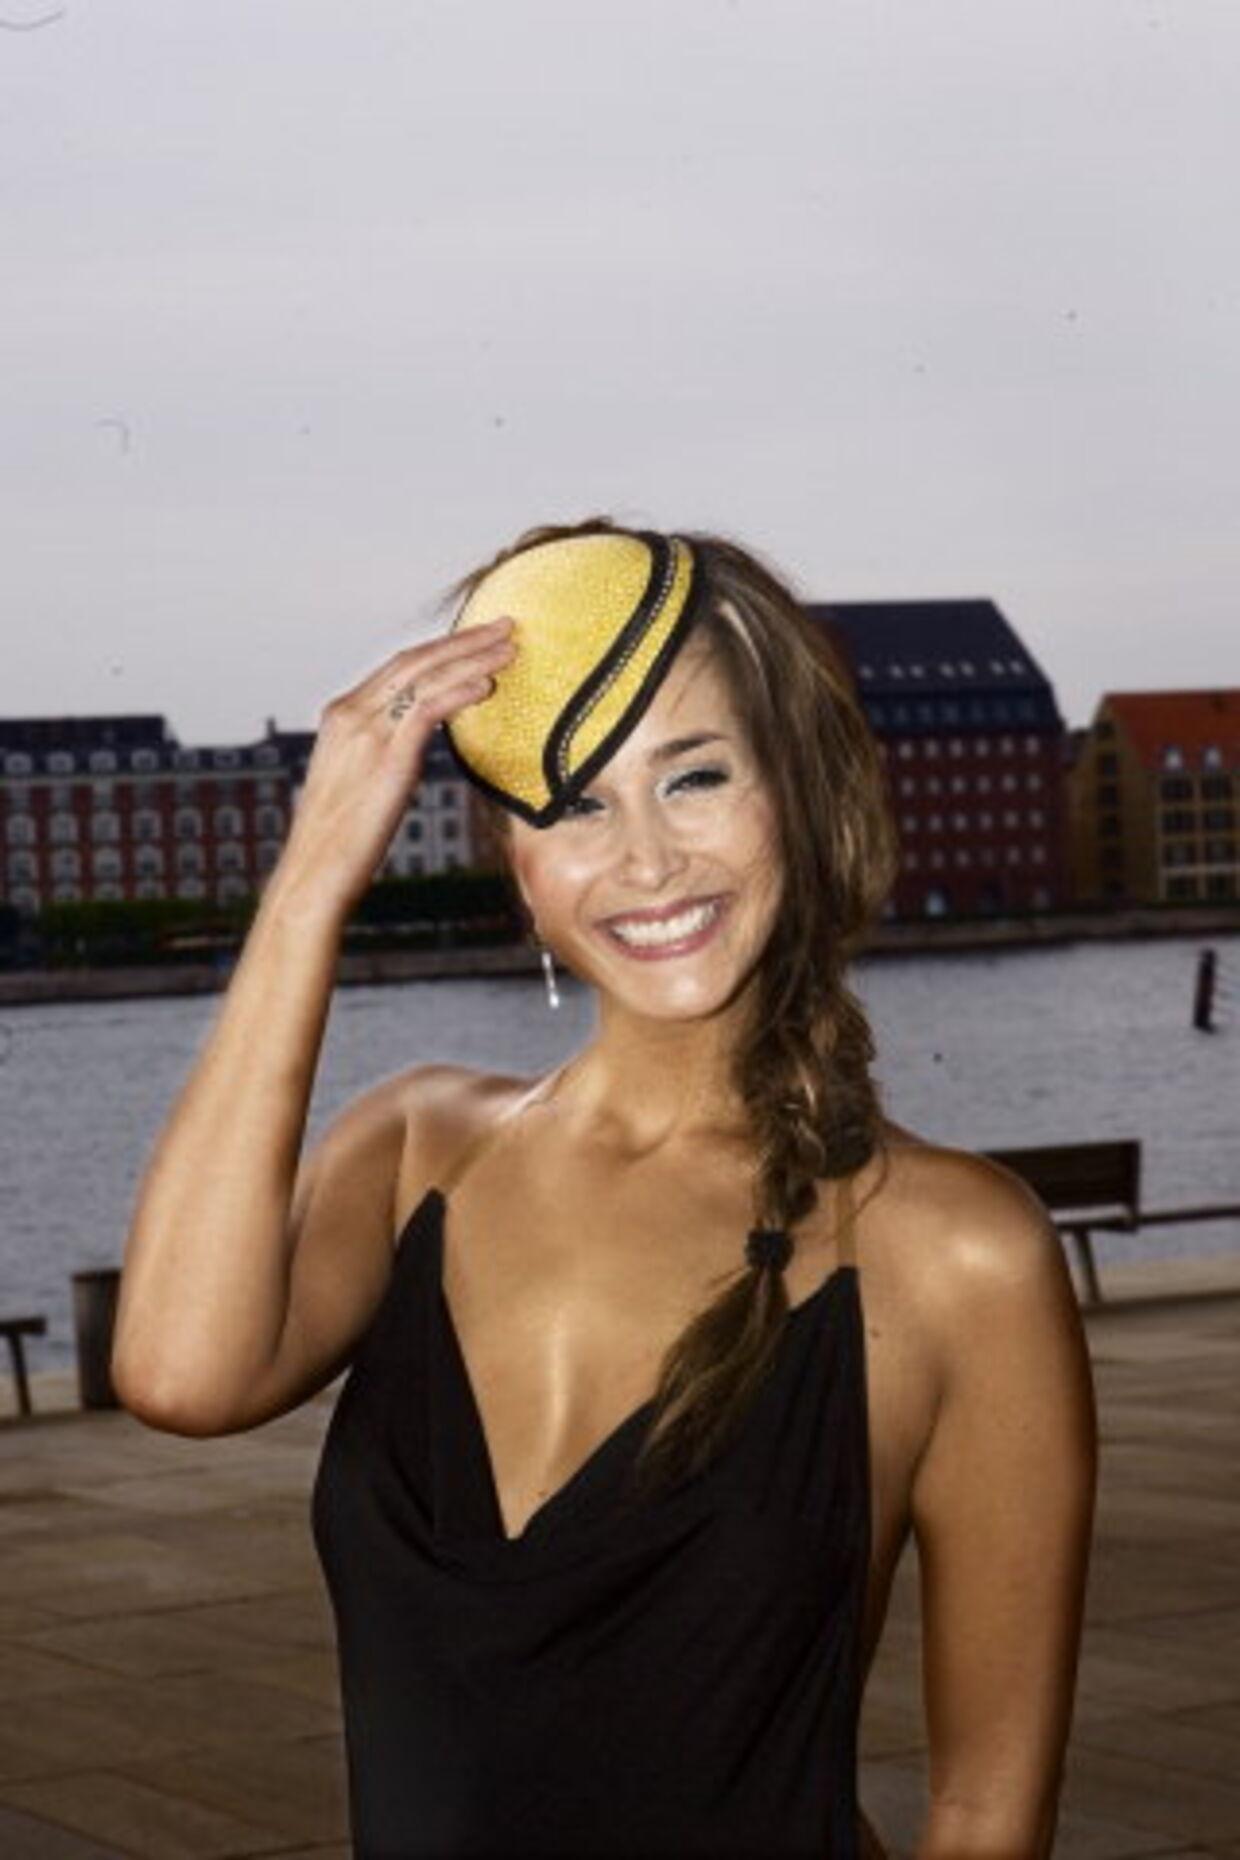 Paradise Hotel-værten Ibi Støving er blevet mor til en lille dreng. Faderen er fodboldspilleren Tobias Grahn.